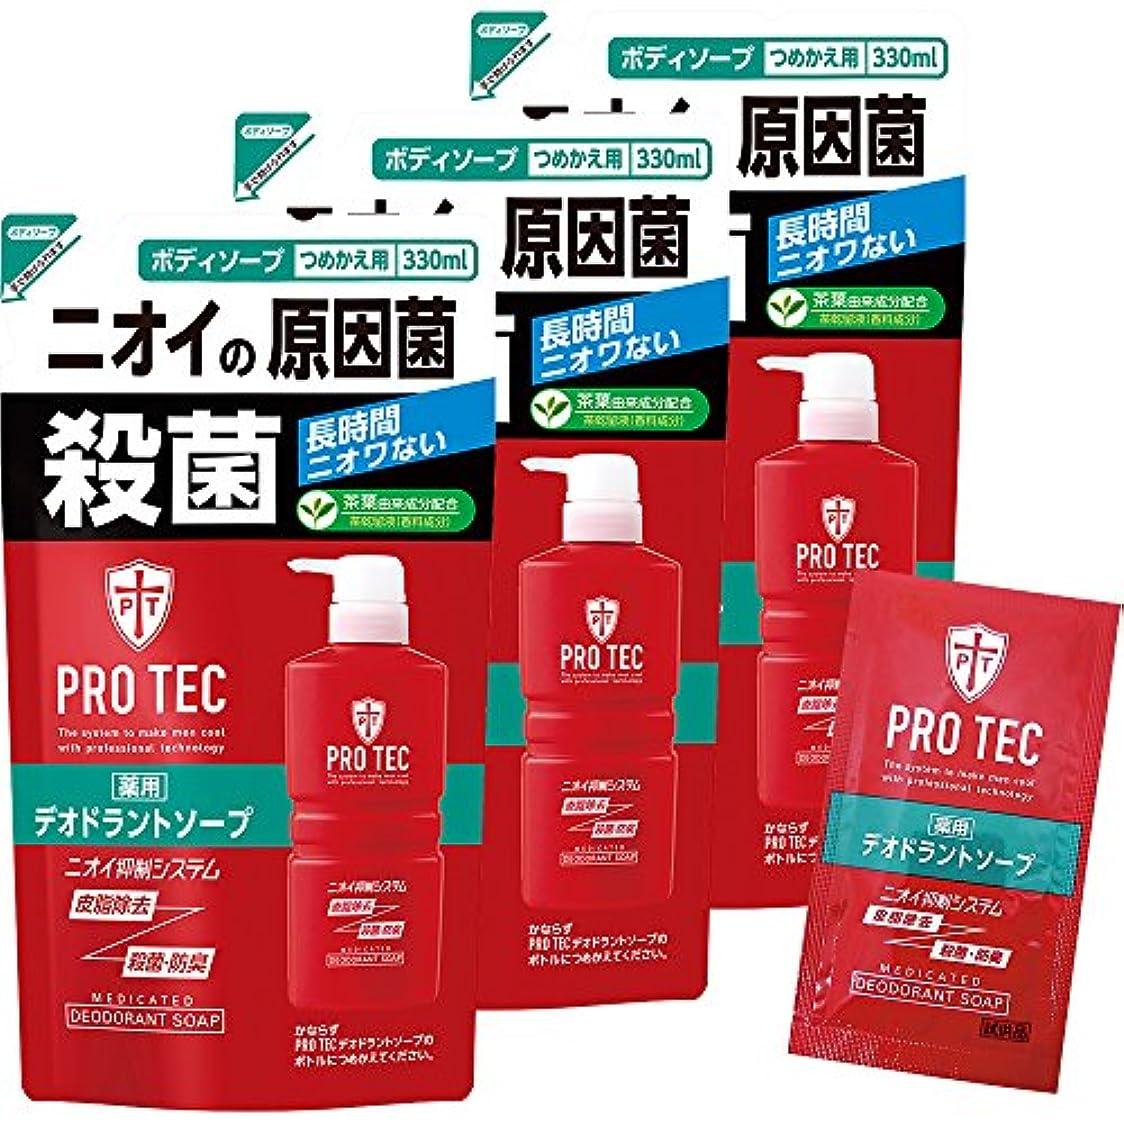 杖どこにも第三【Amazon.co.jp限定】PRO TEC(プロテク) デオドラントソープ 詰め替え330ml×3個パック+デオドラントソープ1回分付(医薬部外品)